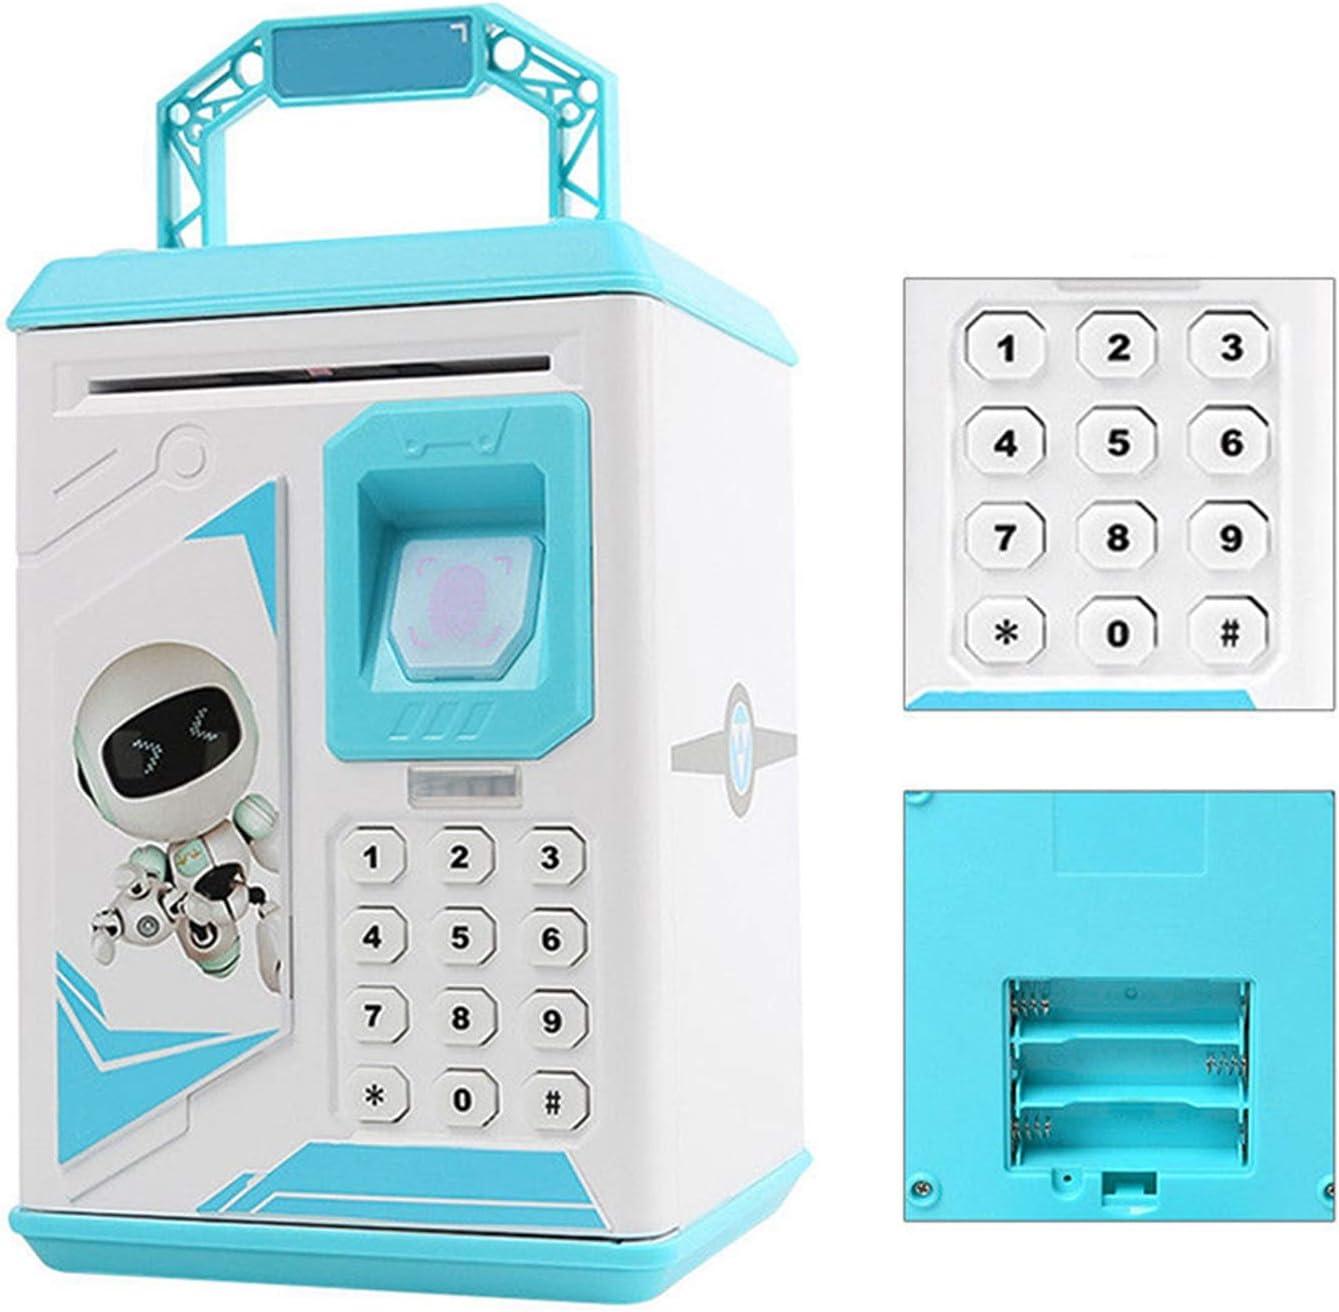 WOVELOT Electronic Piggy Bank Atm Password Fingerprint Money Box Cash Coins With Music,Pink